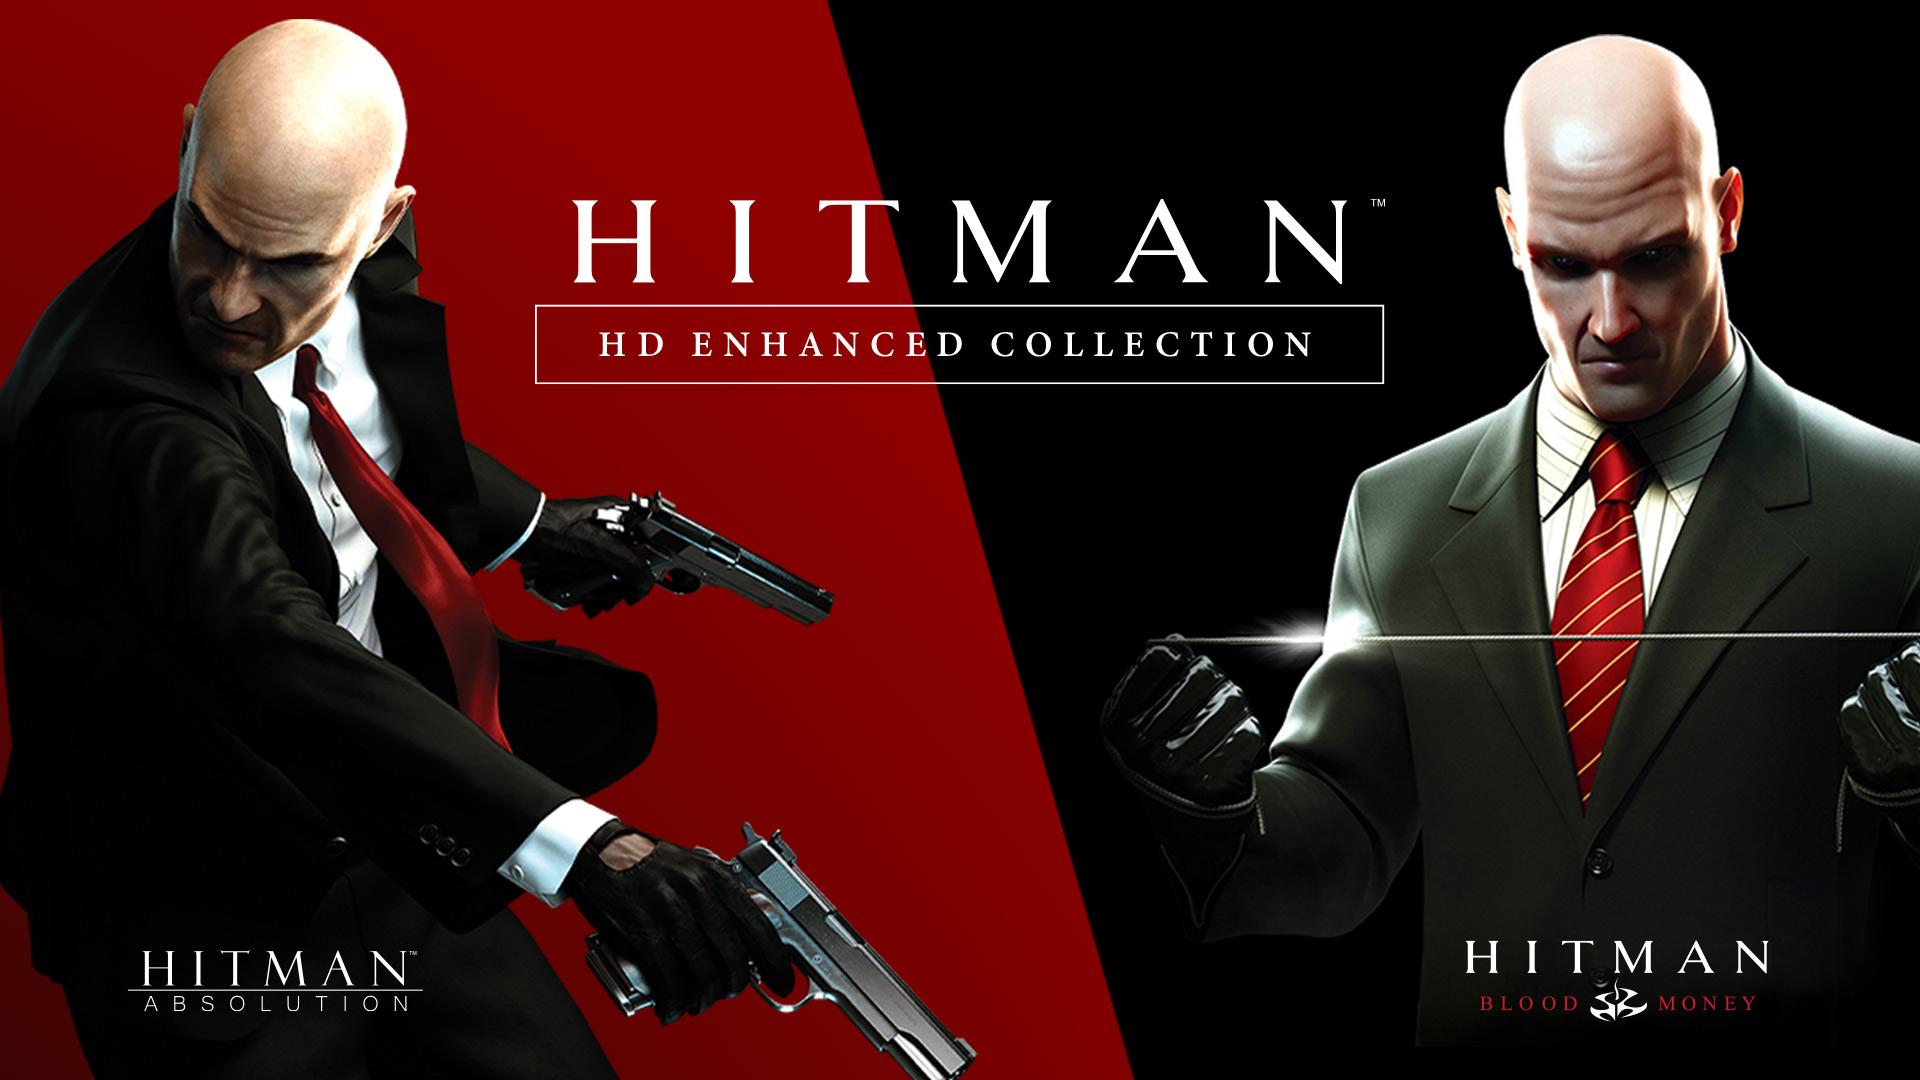 Io Interactive anuncia Hitman HD Enhanced Collection